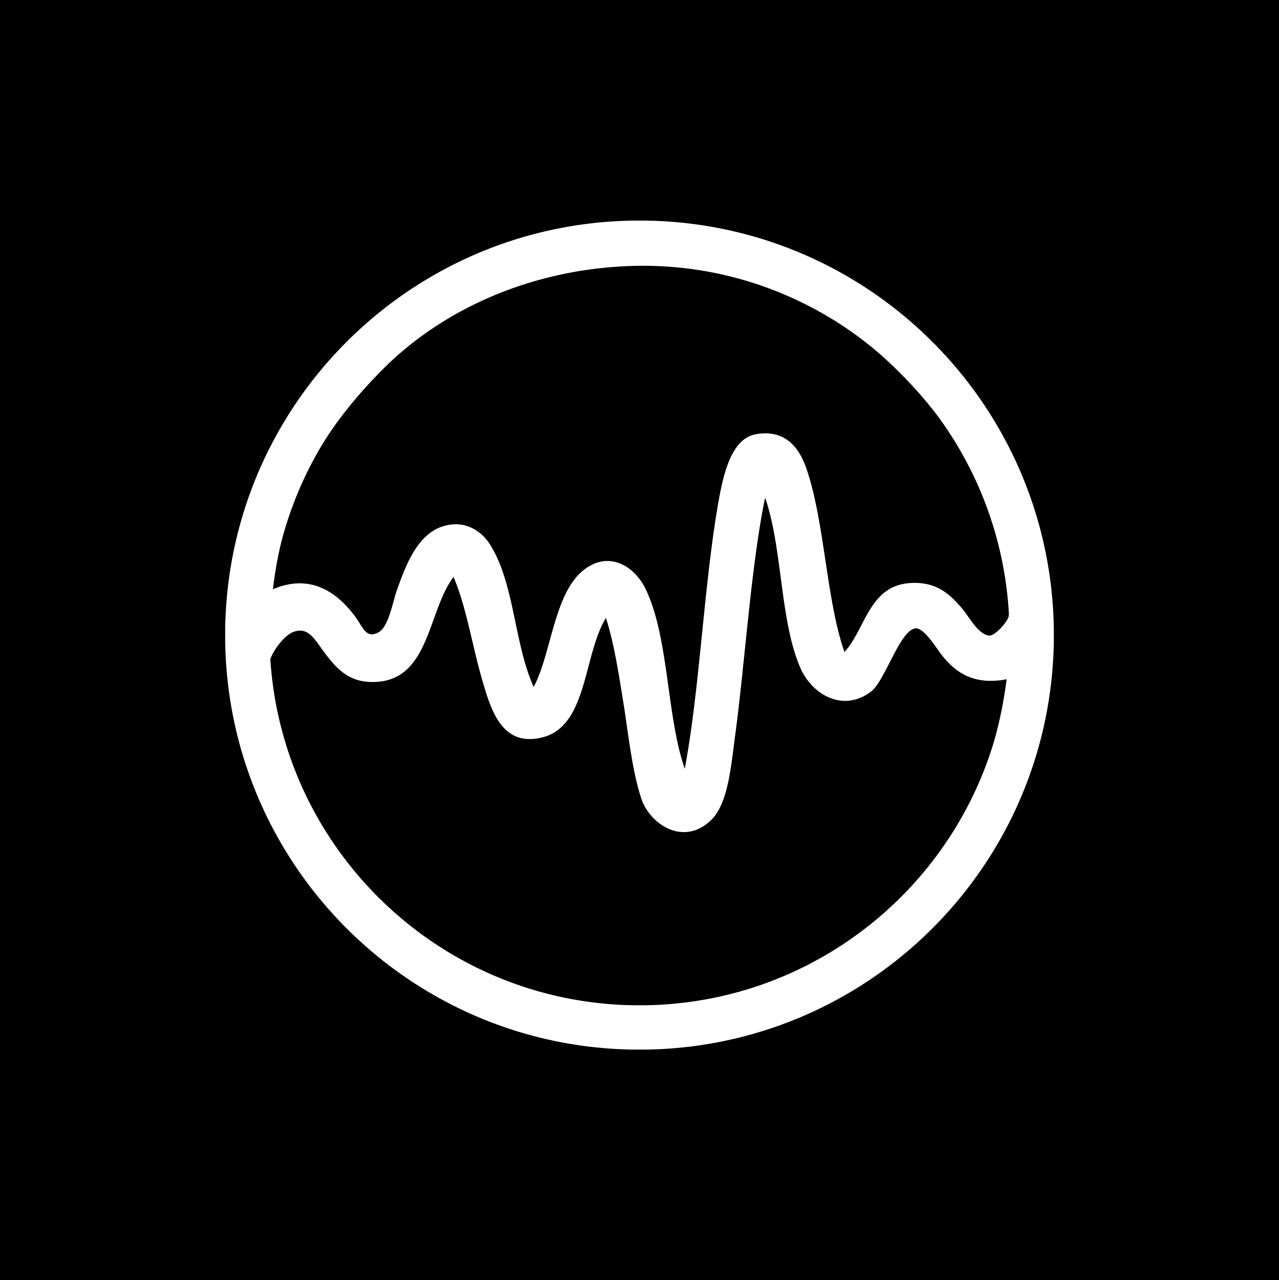 Under Graph band — Designer: Unknown; Firm: Good Design.